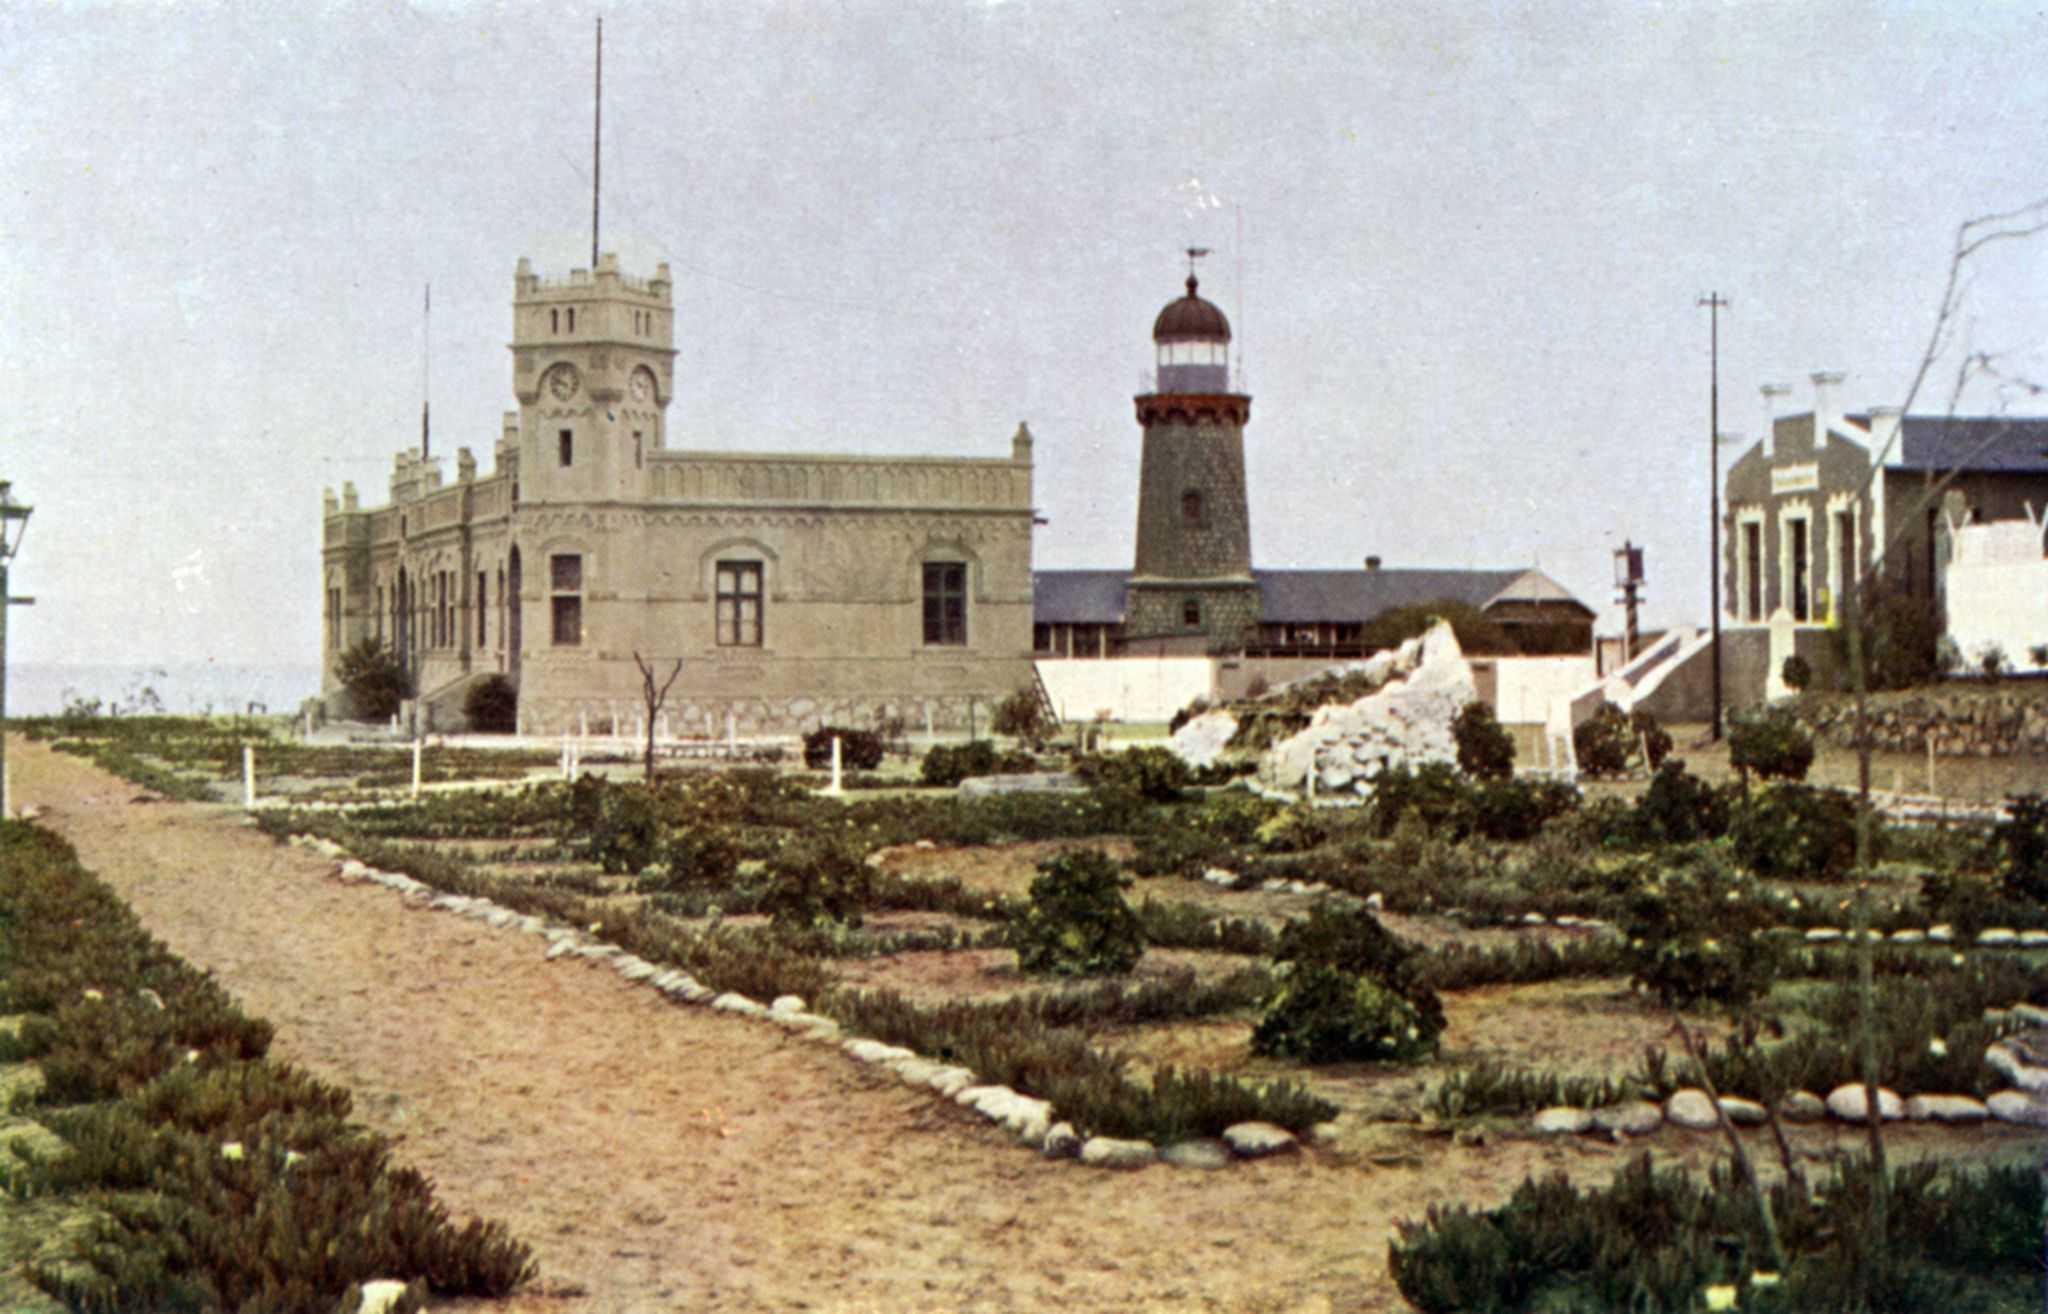 Swakopmund / Quelle: Wikipedia